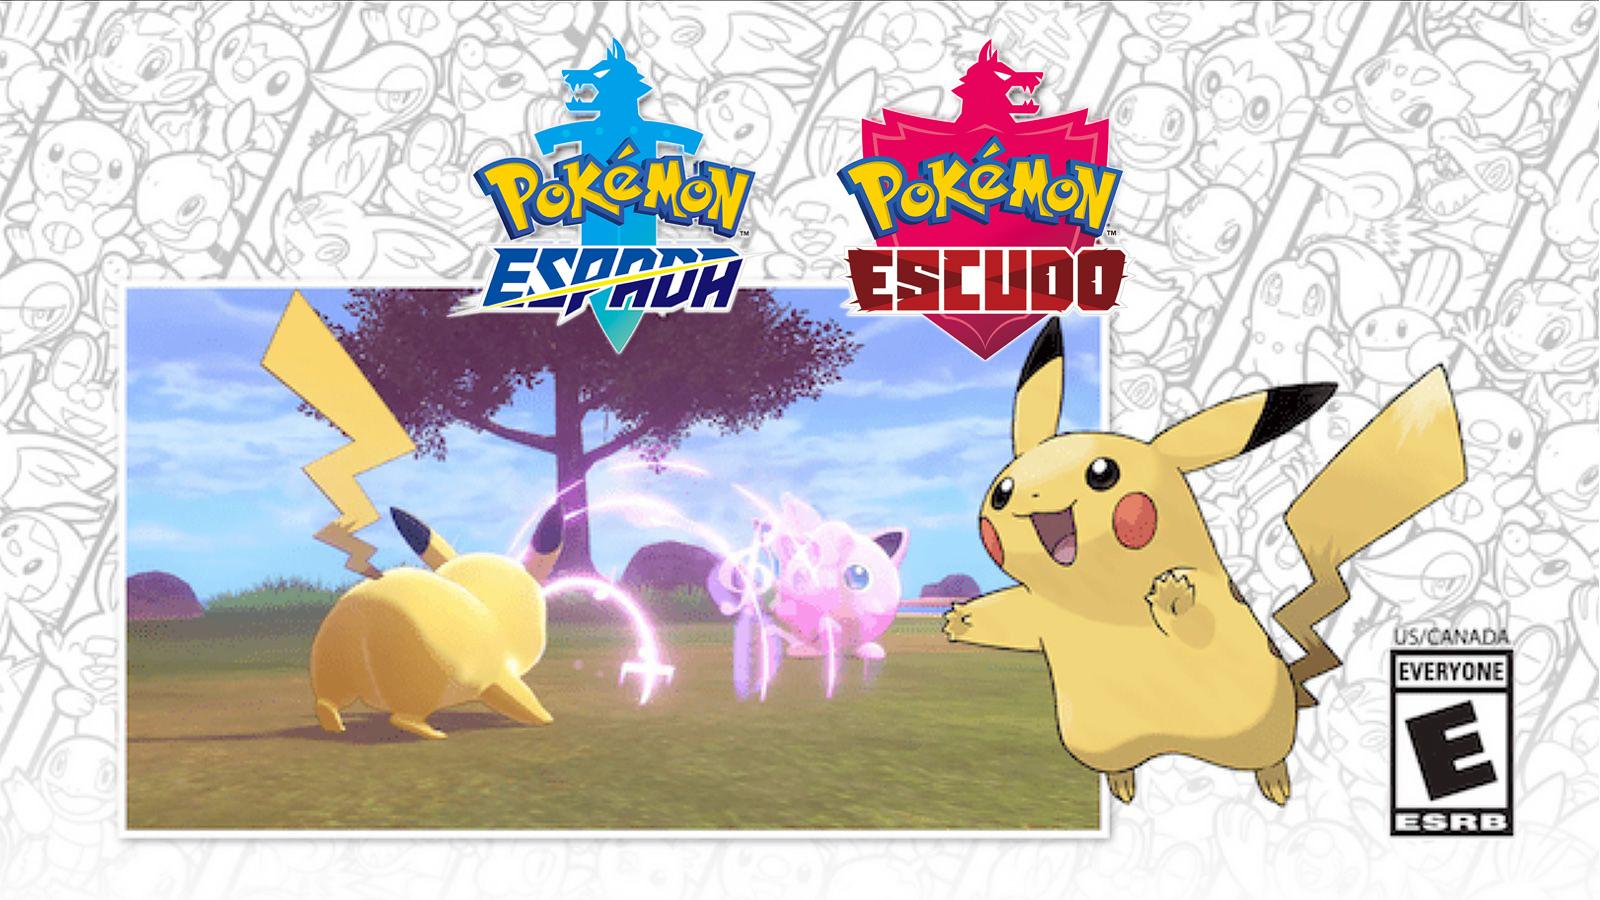 Pokachu promoción Pokémon Espada Escudo concierto